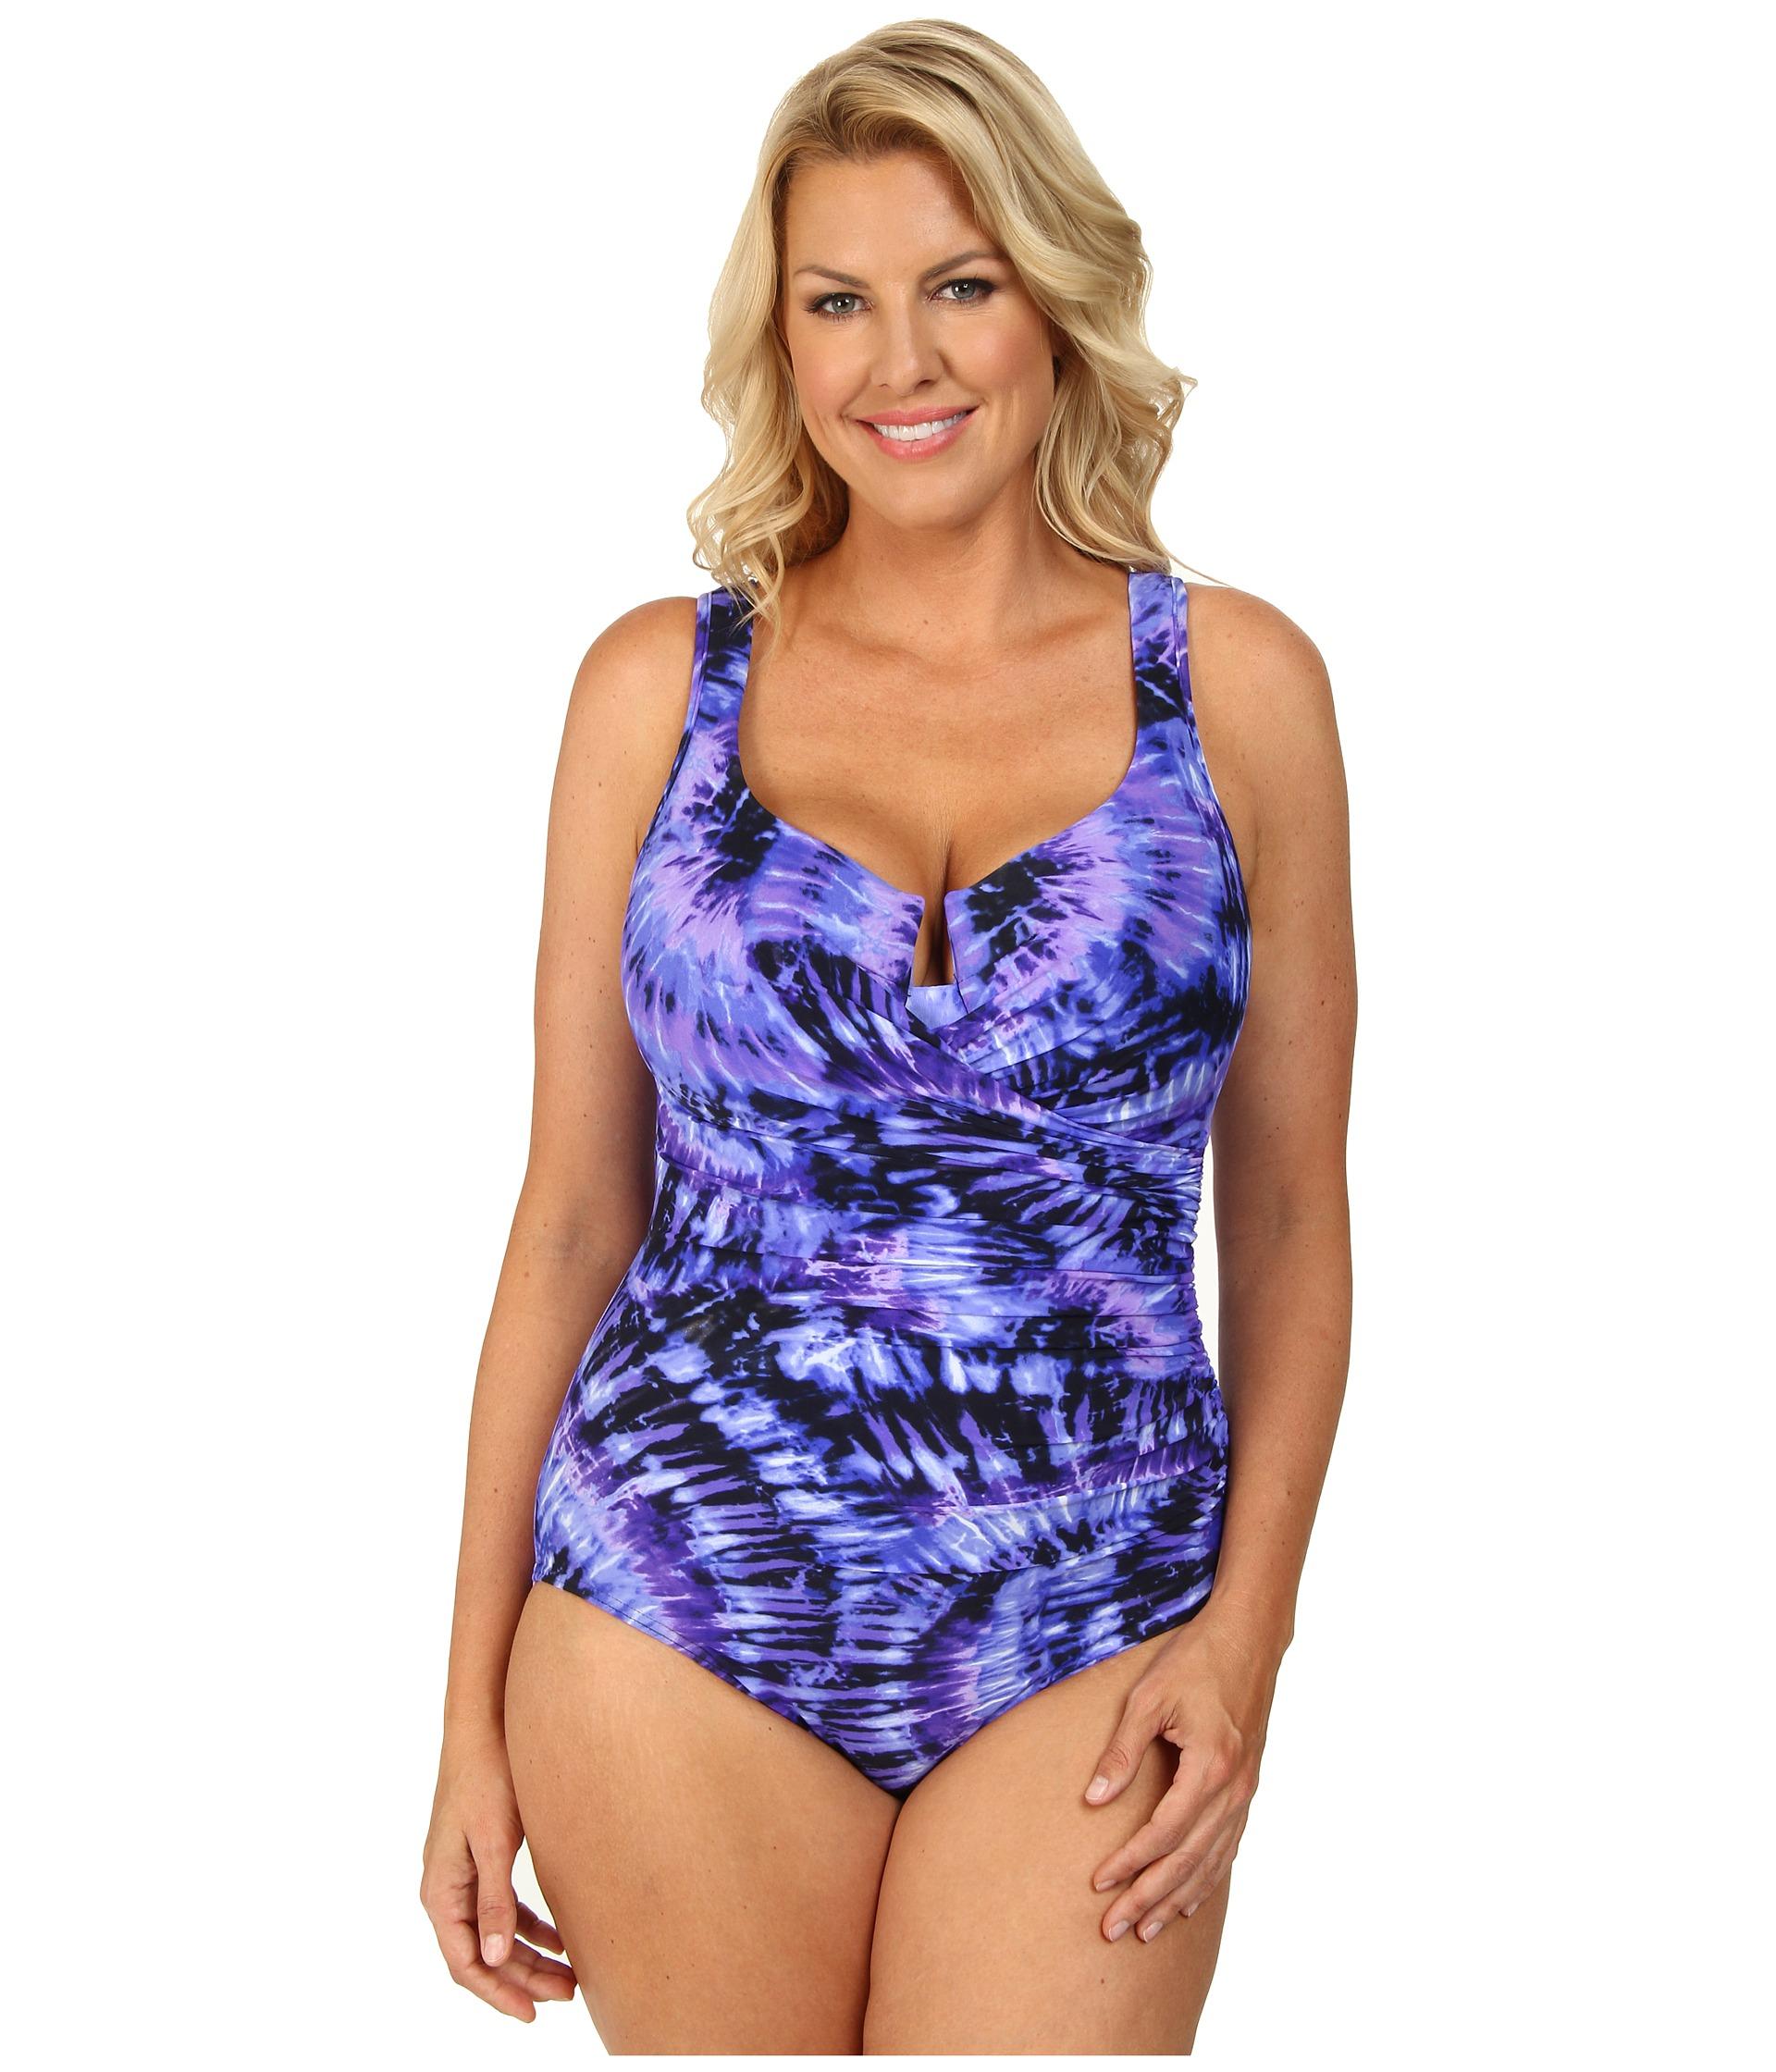 d66e6825a4d7f Lyst - Miraclesuit Plus Size Fandance Escape Swimsuit in Purple